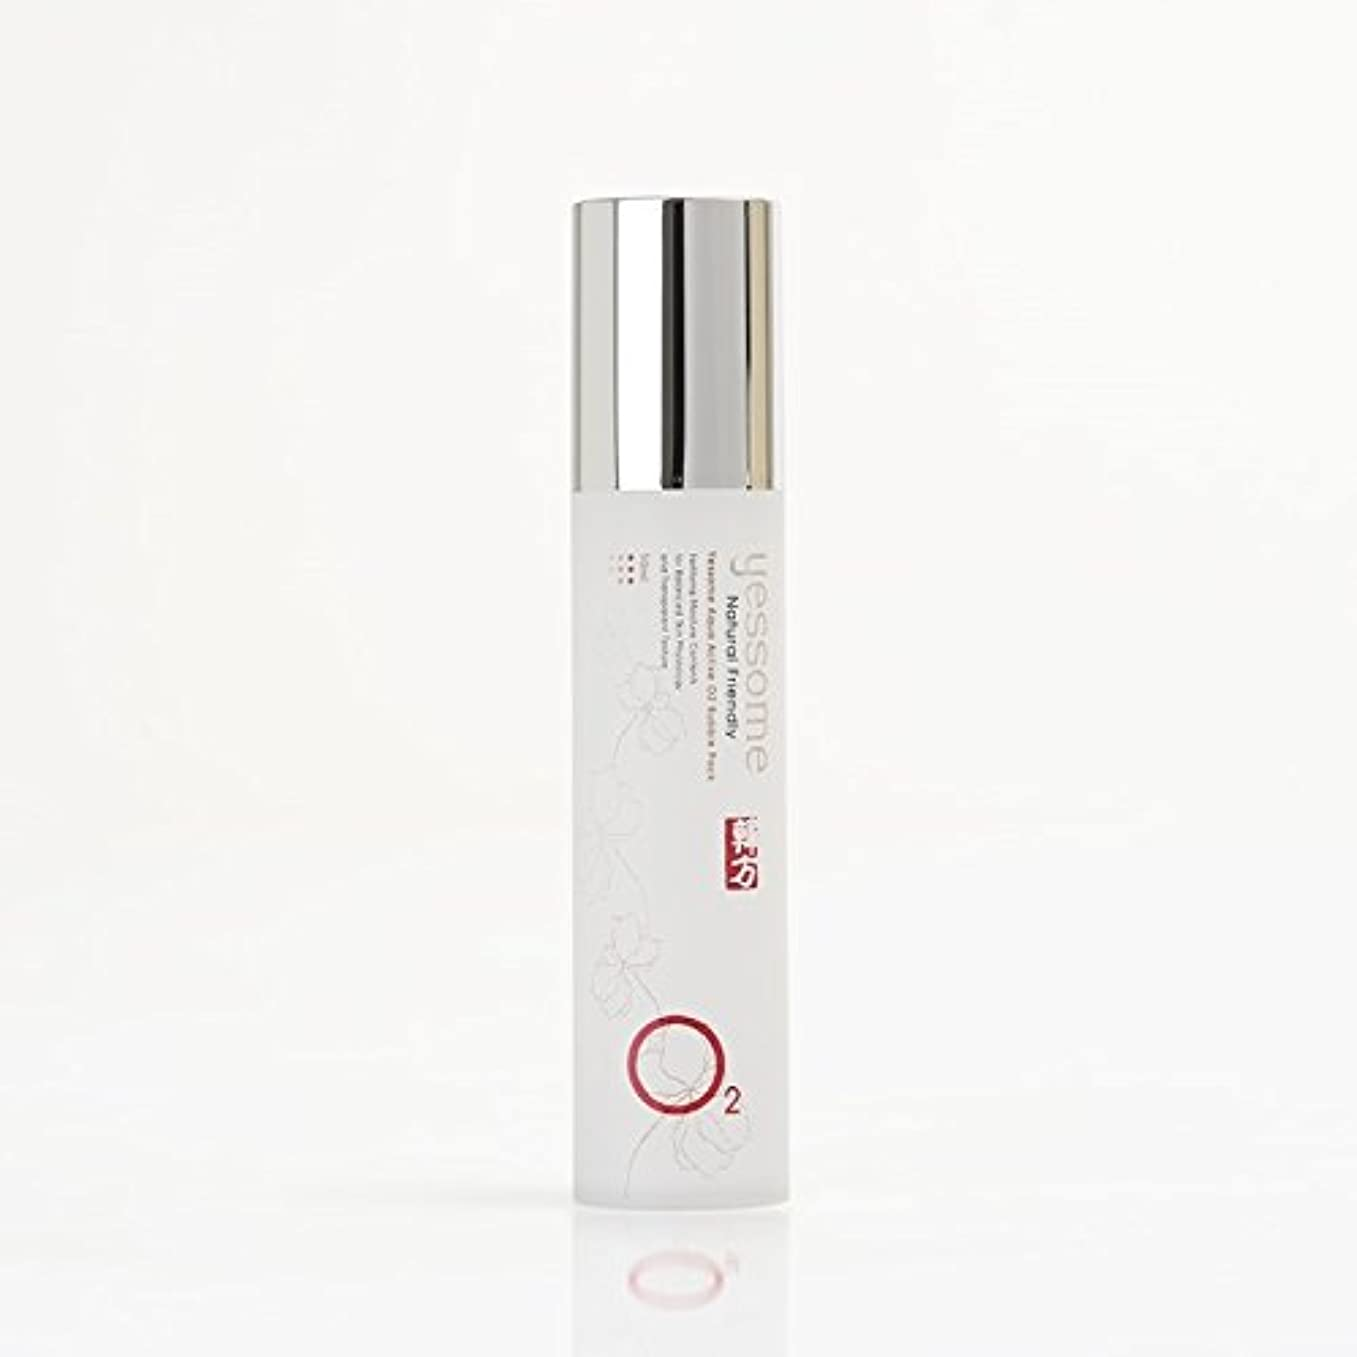 エキス定規適格Yessome O2 Bubble Pack( 50ml) -酸素バブルパック